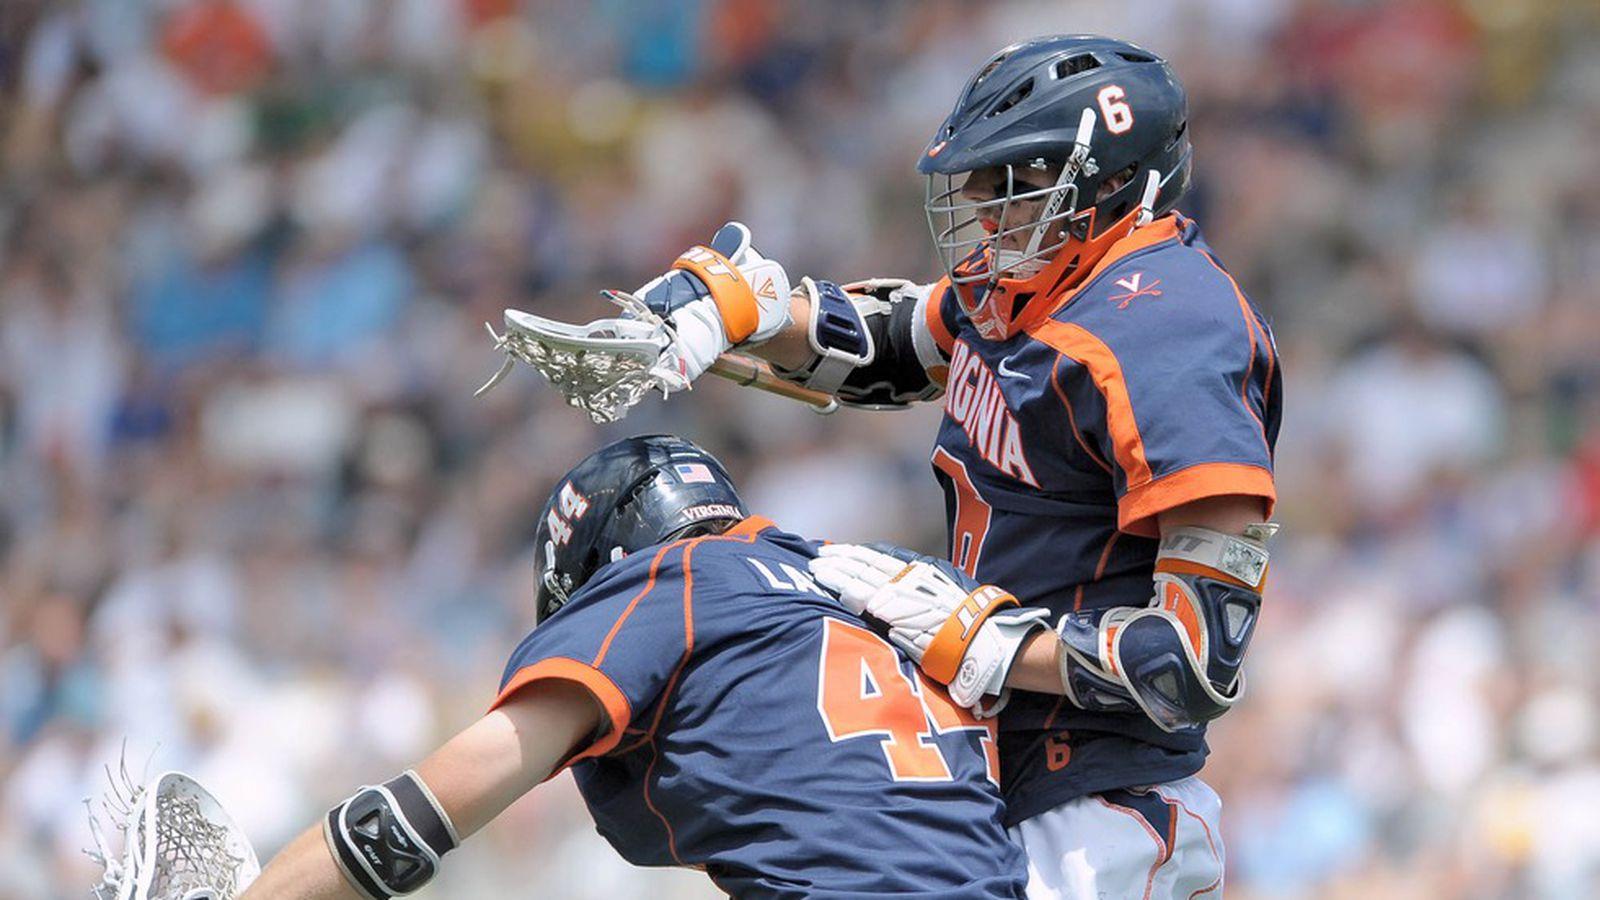 Virginia Men's Lacrosse Withstands Drexel, 11-10 ...